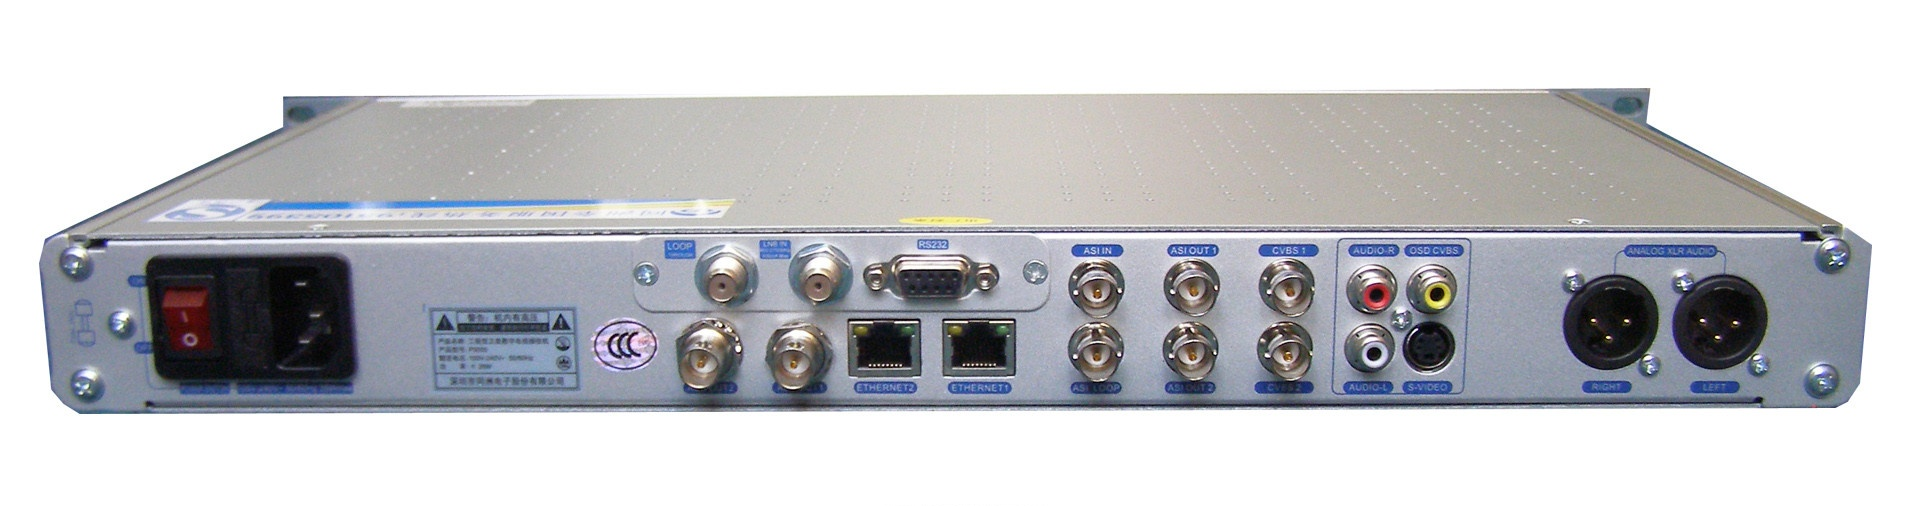 第五步:找到信号后,微调高频头极化角,直至达到最佳.